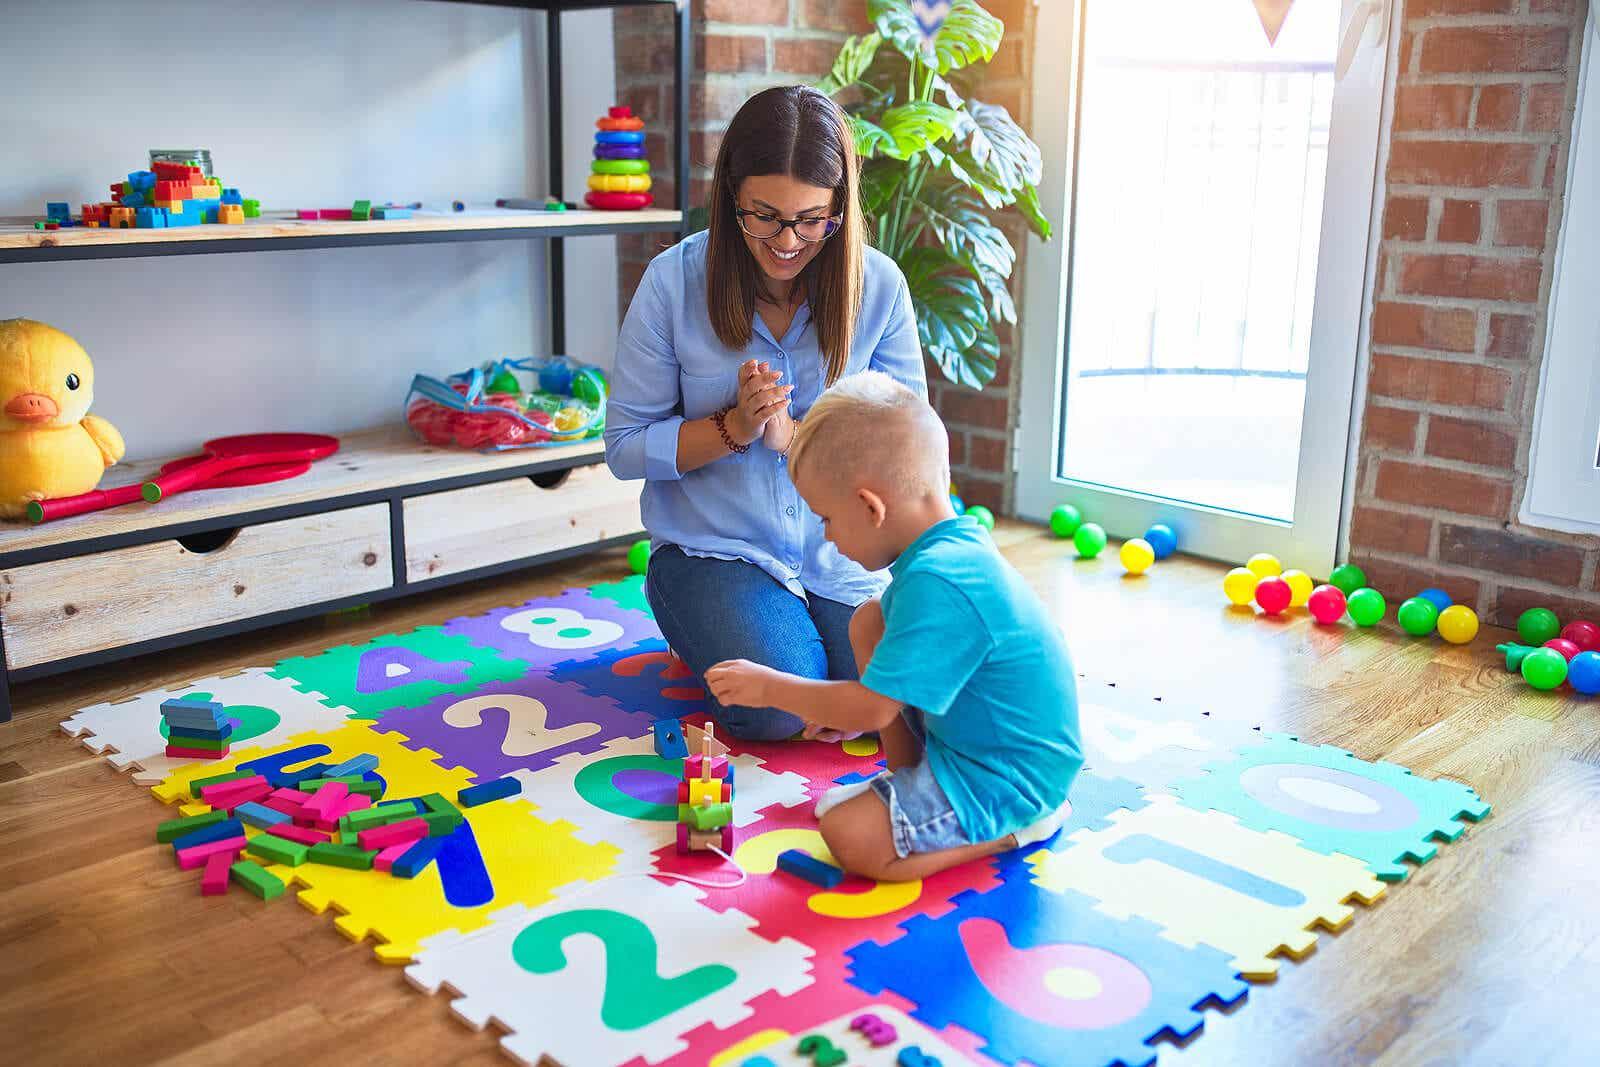 Matka bawiąca się z dzieckiem na podłodze.